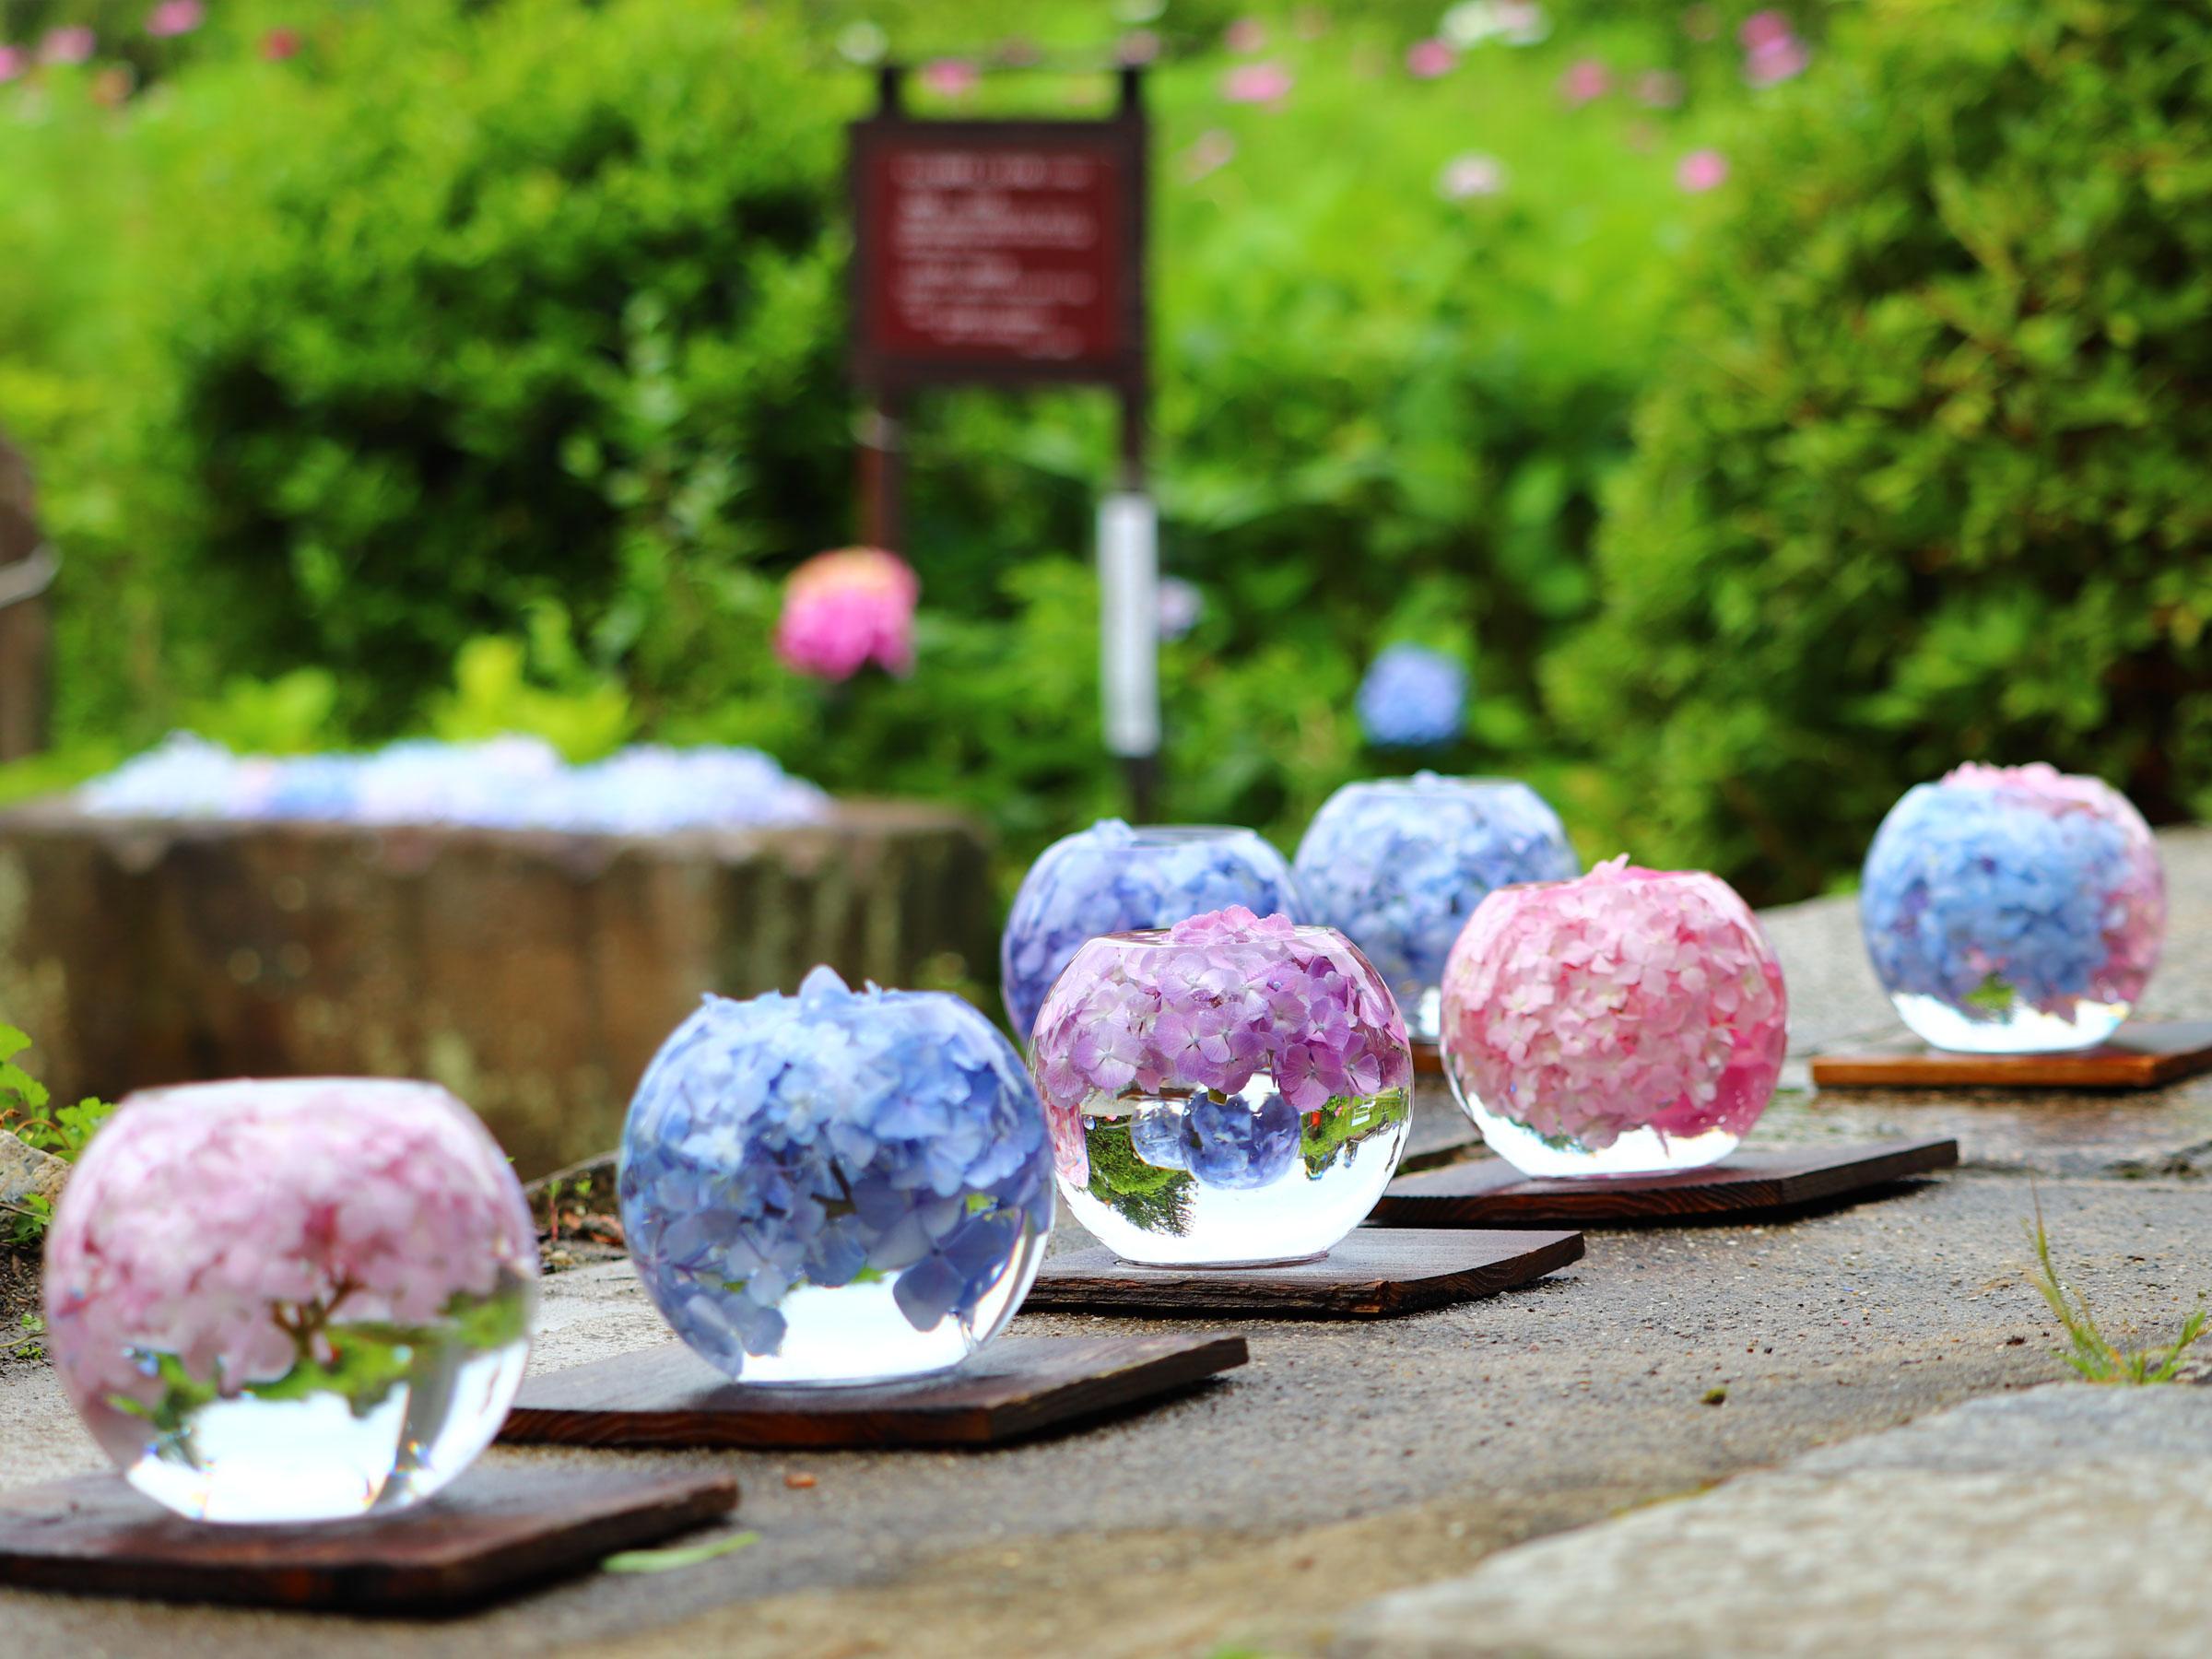 【奈良県】夏の絶景・風物詩4選 古刹を彩る鮮やかなアジサイの花手水